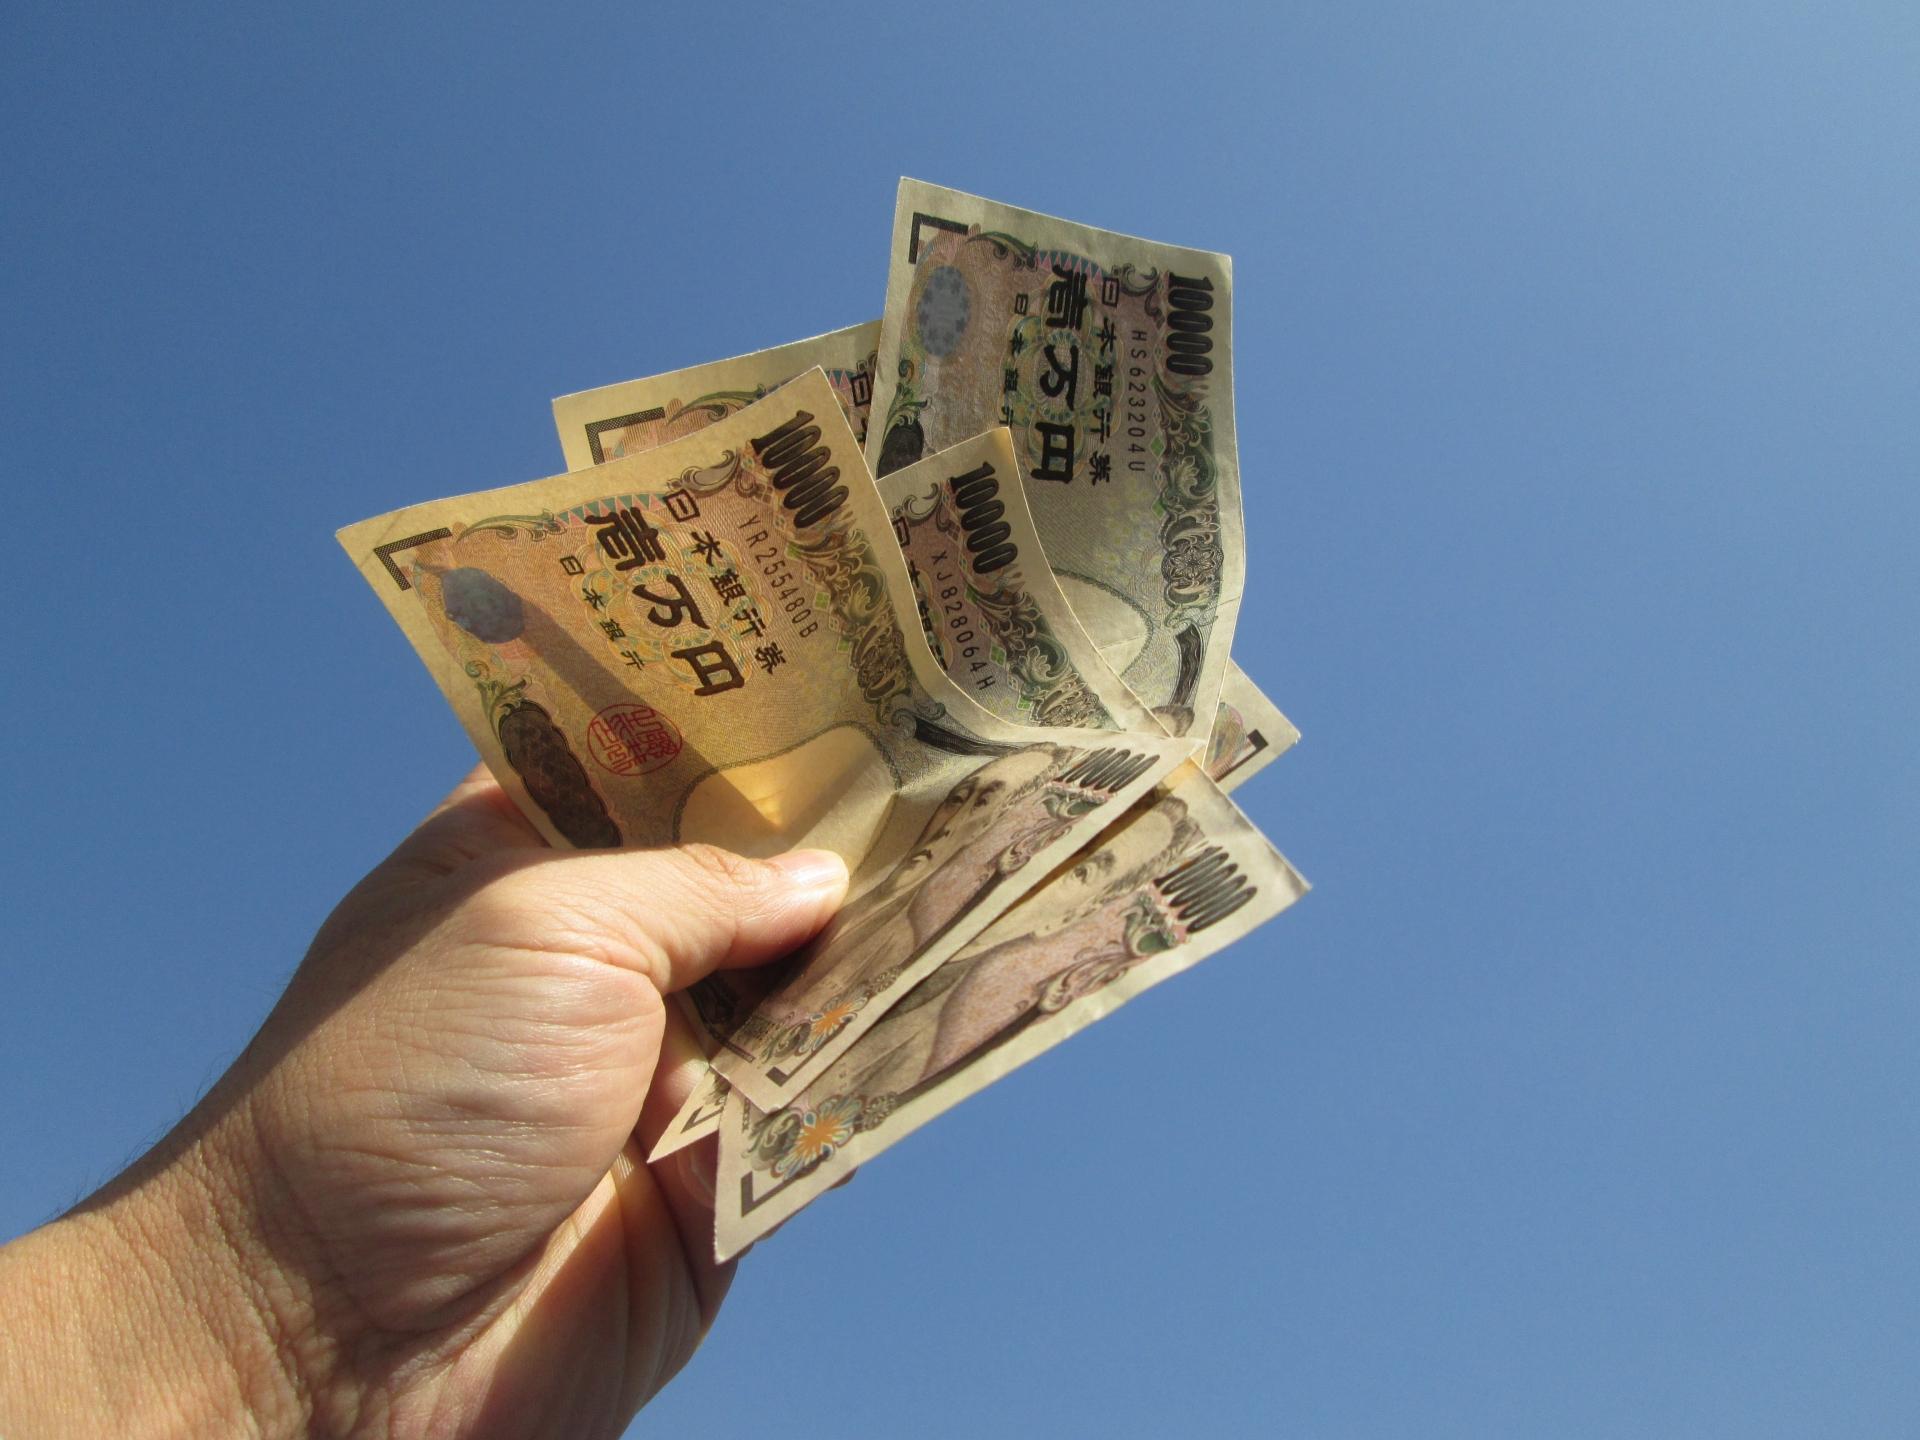 FXを始めるための種銭の作り方。投資資金を簡単に用意できる方法。